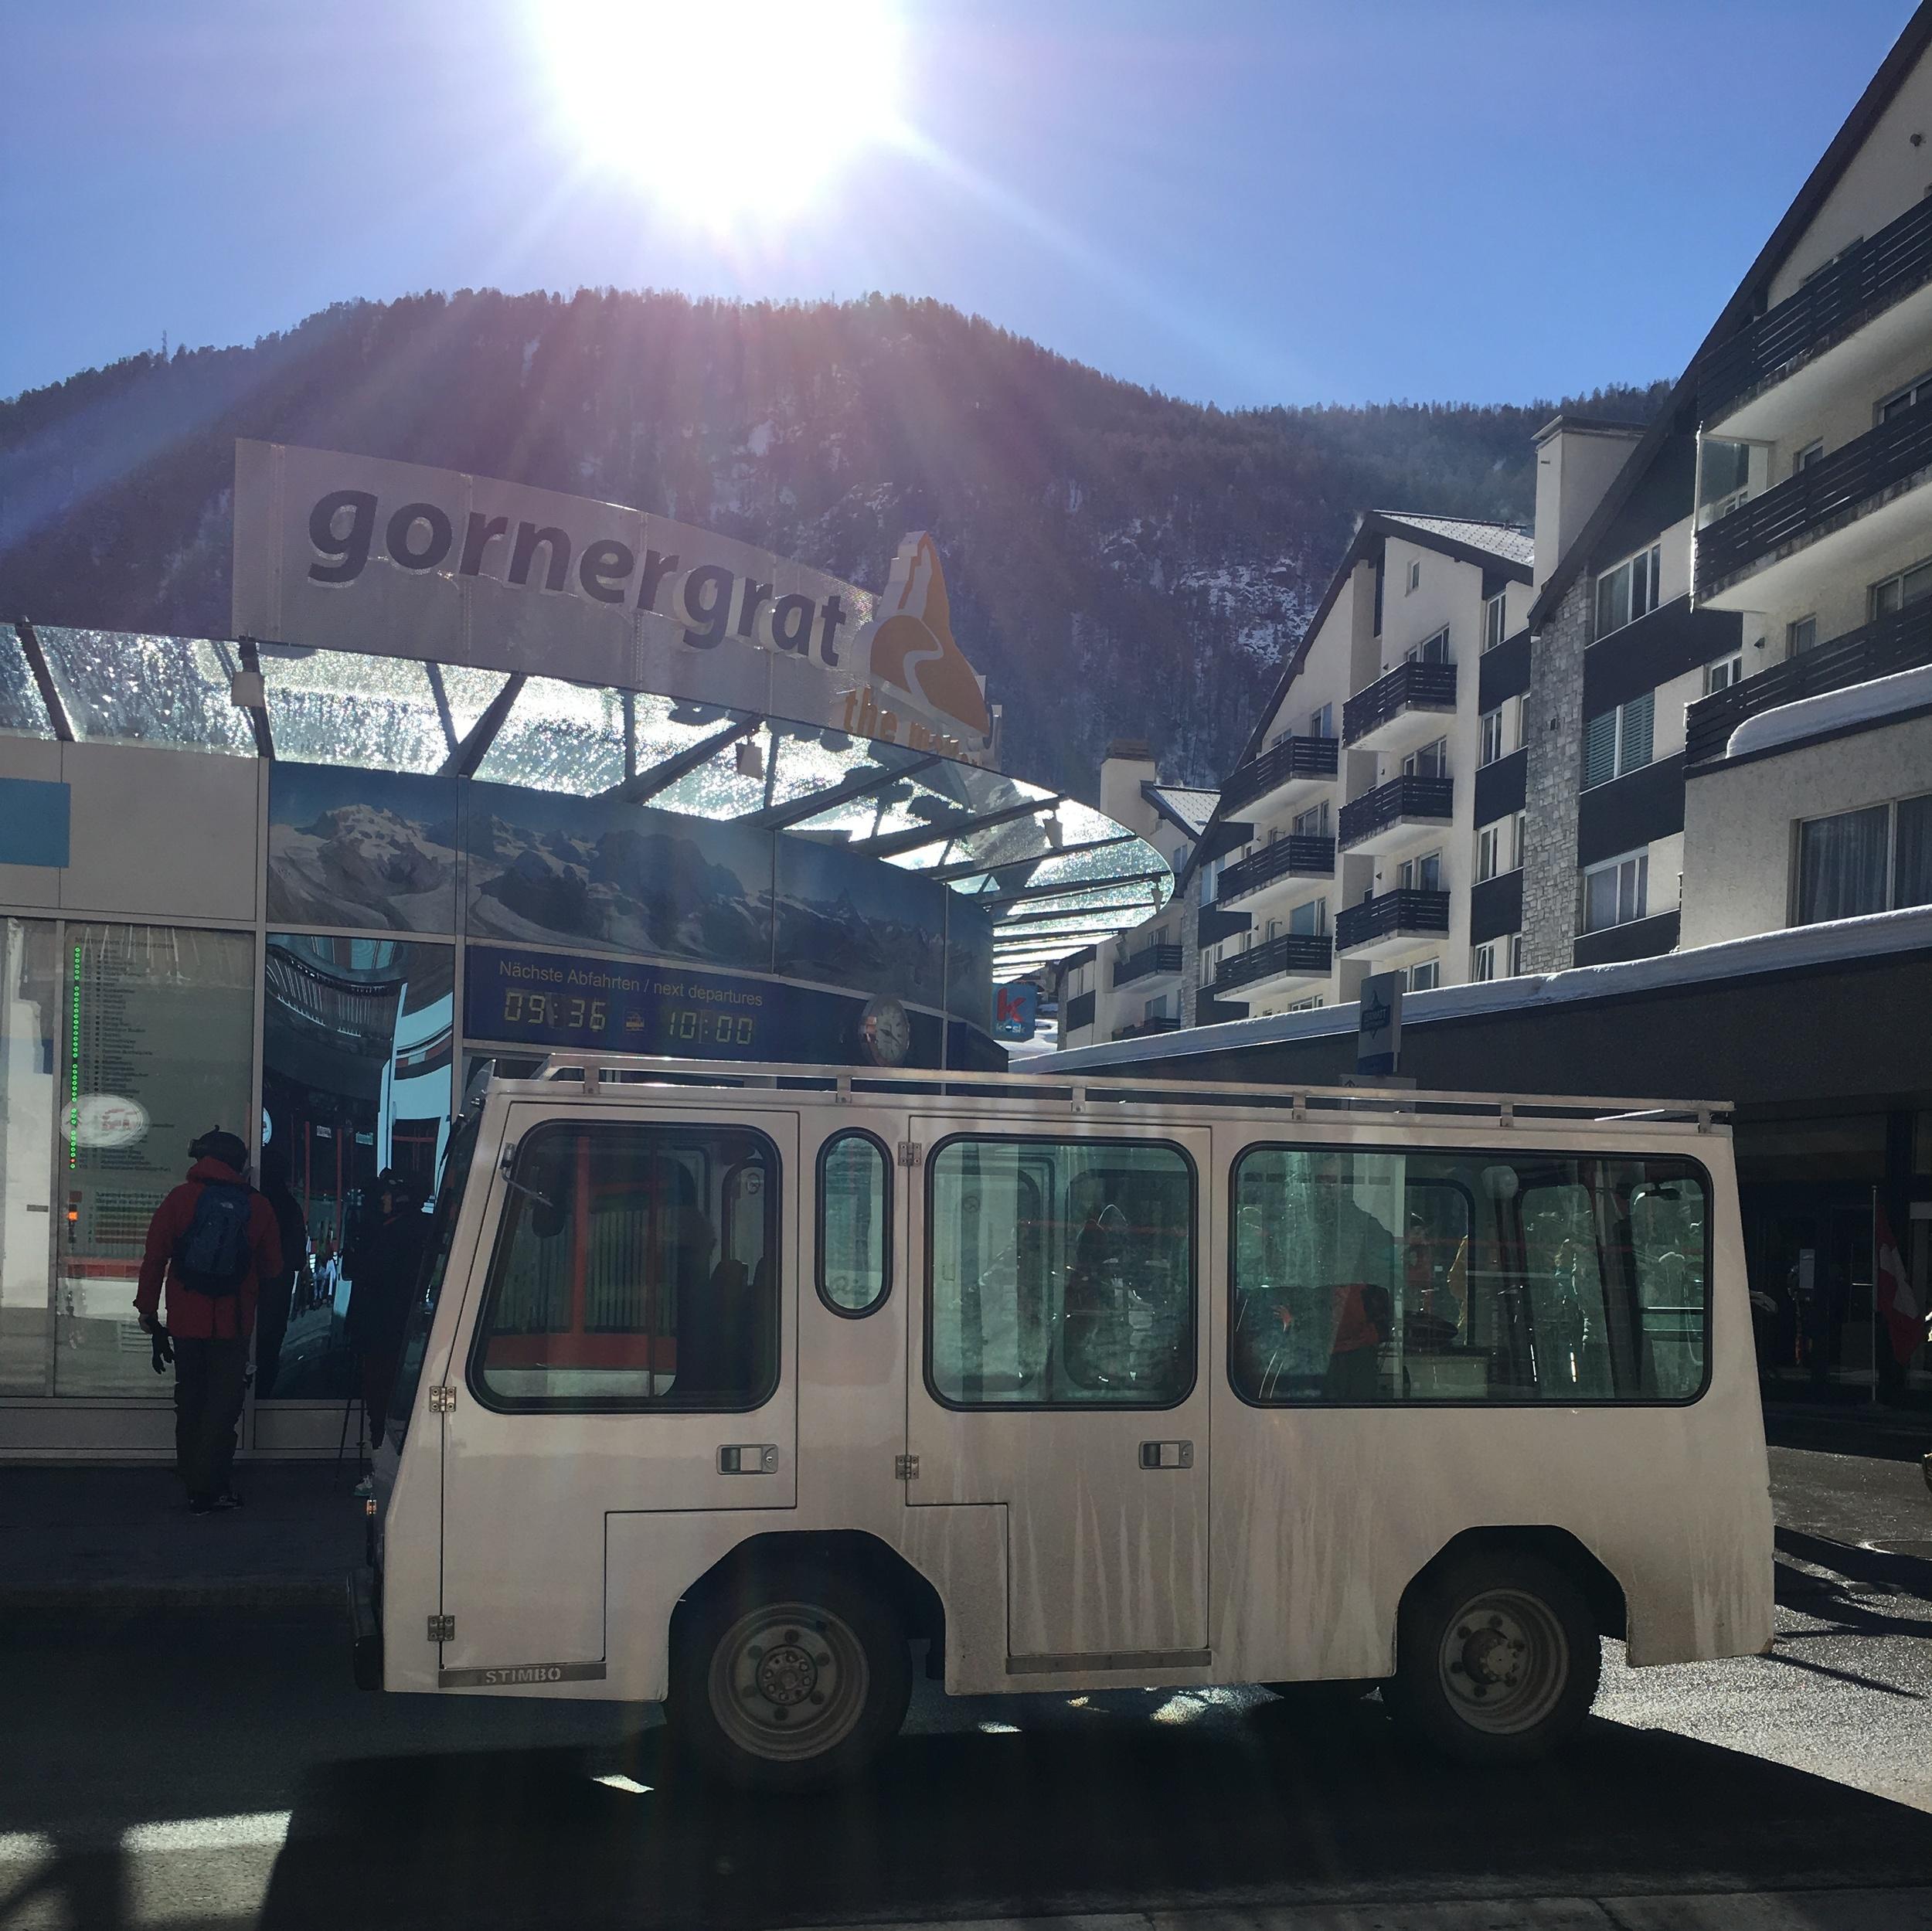 Uno de los vehículos eléctricos típicos de Zermatt y de manufactura local, que no producen emisiones. Foto: Bruny Nieves